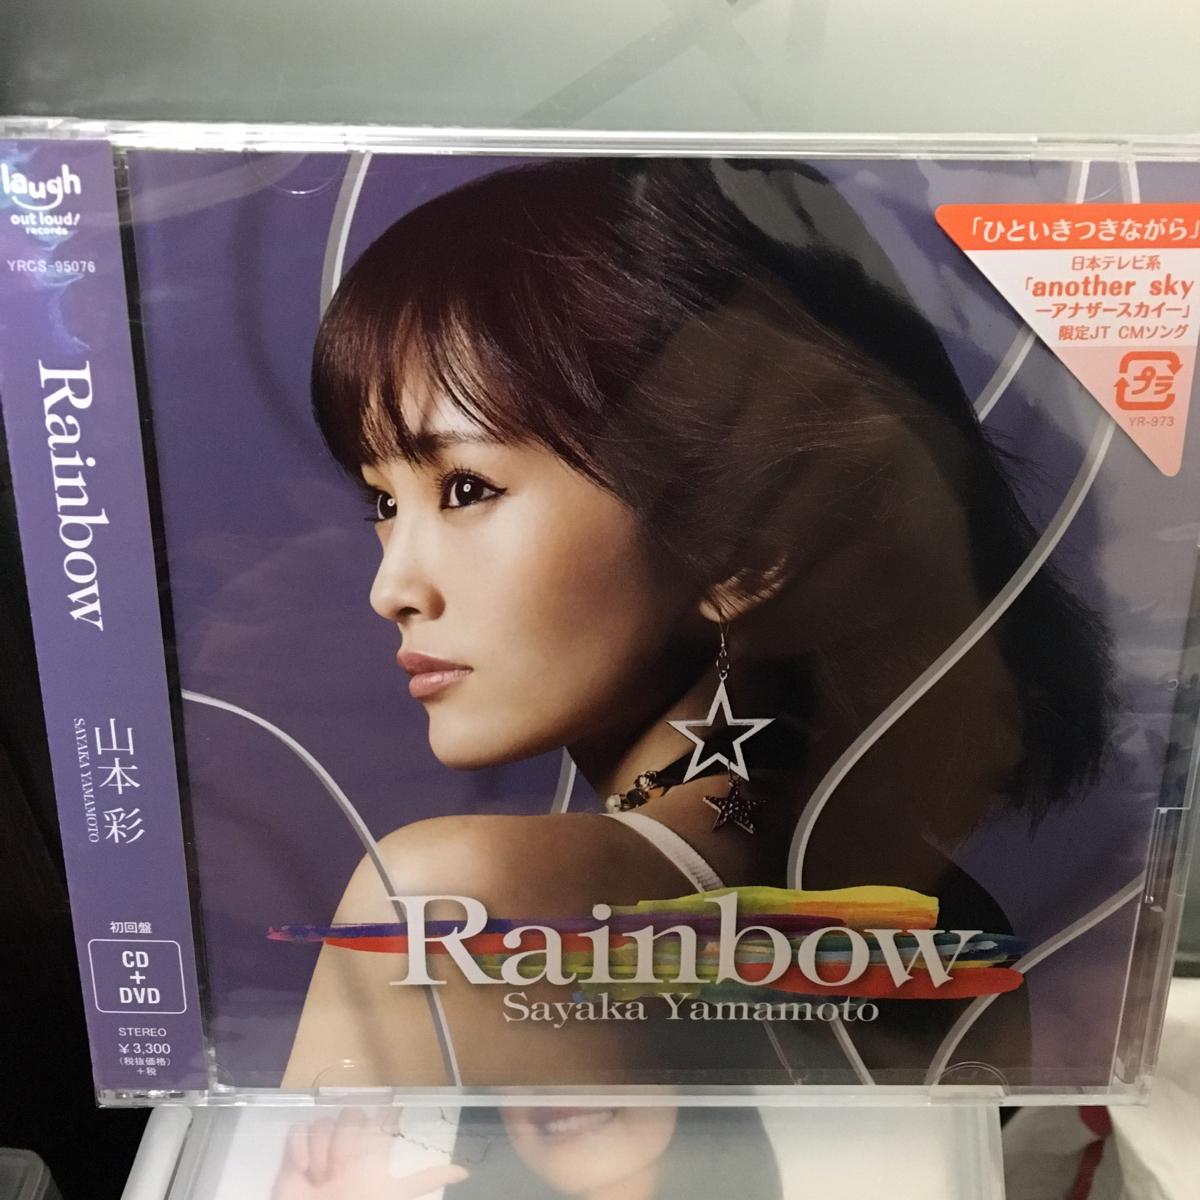 山本彩◆1stアルバム『Rainbow』◆初回盤◆新品未開封CD+DVD ライブグッズの画像